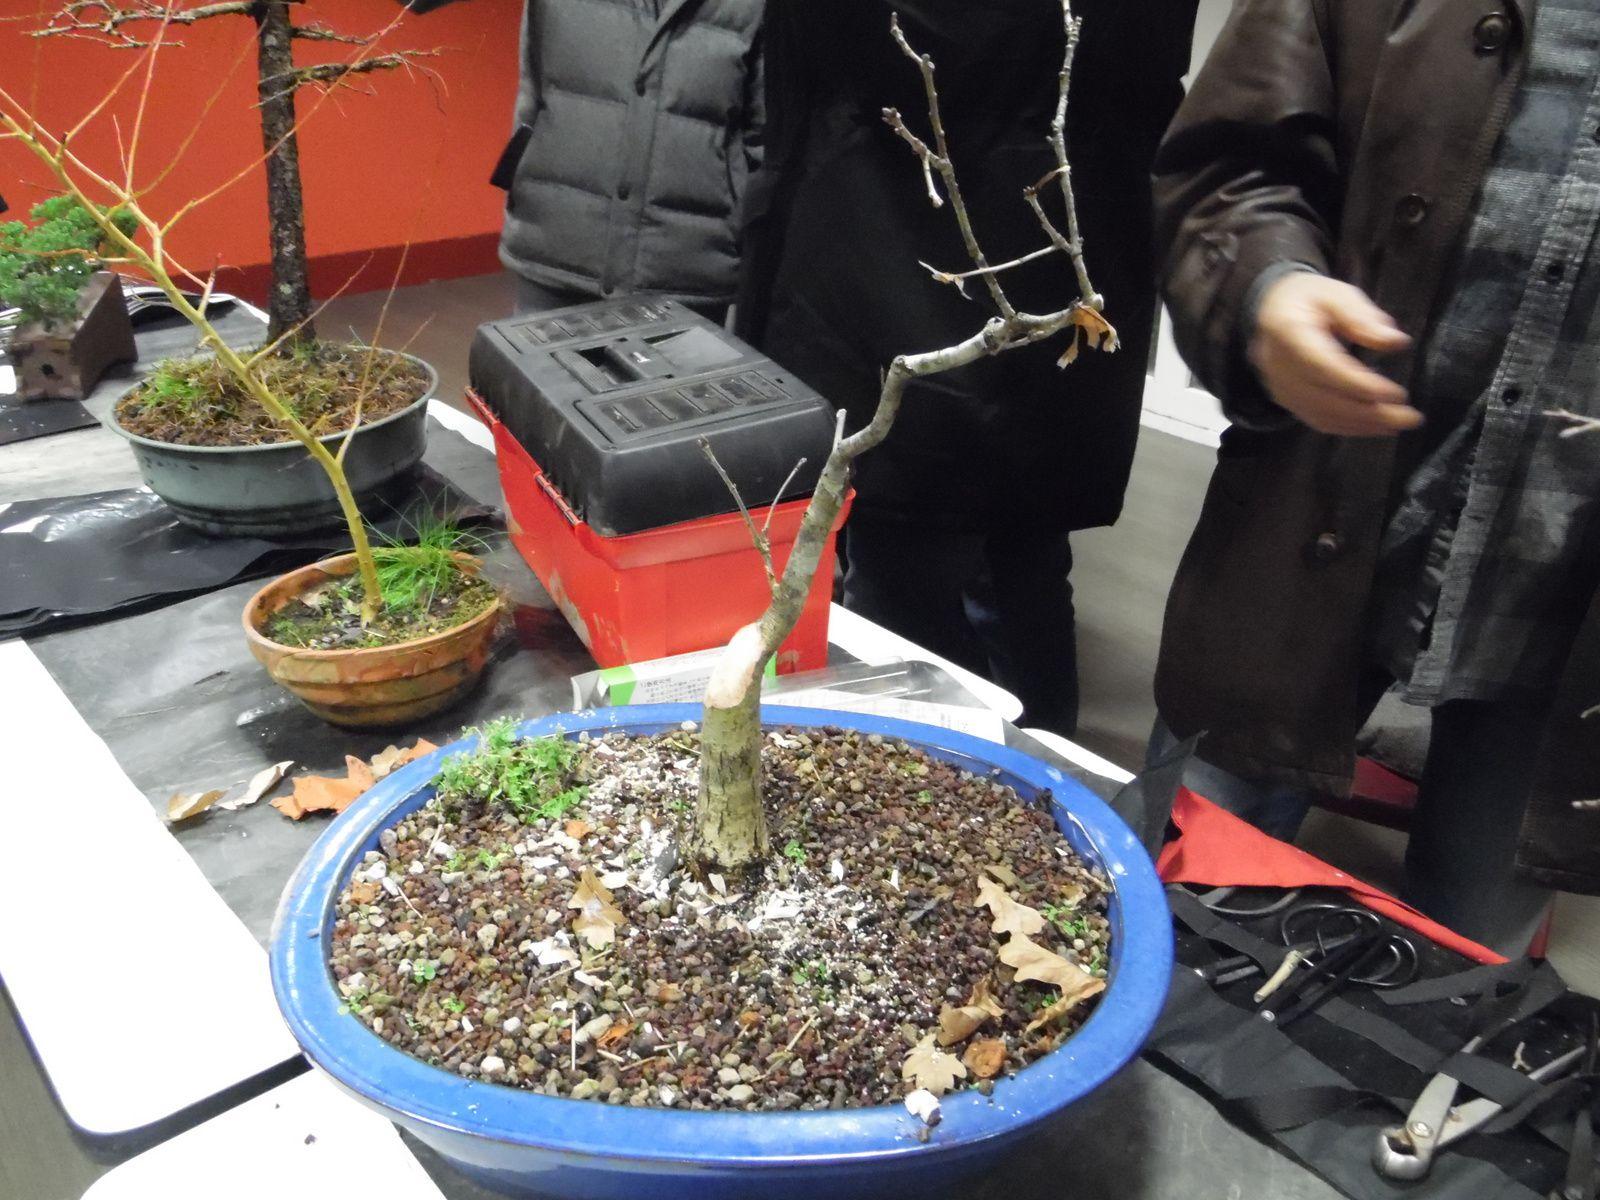 """Lors de cette réunion, nous étions assez nombreux à venir travailler nos arbres ! Nous avons eu la chance d'avoir à nos côtés la céramiste """" Mitra Ghazaï """" qui nous a fait découvrir quelques-unes de ses créations."""